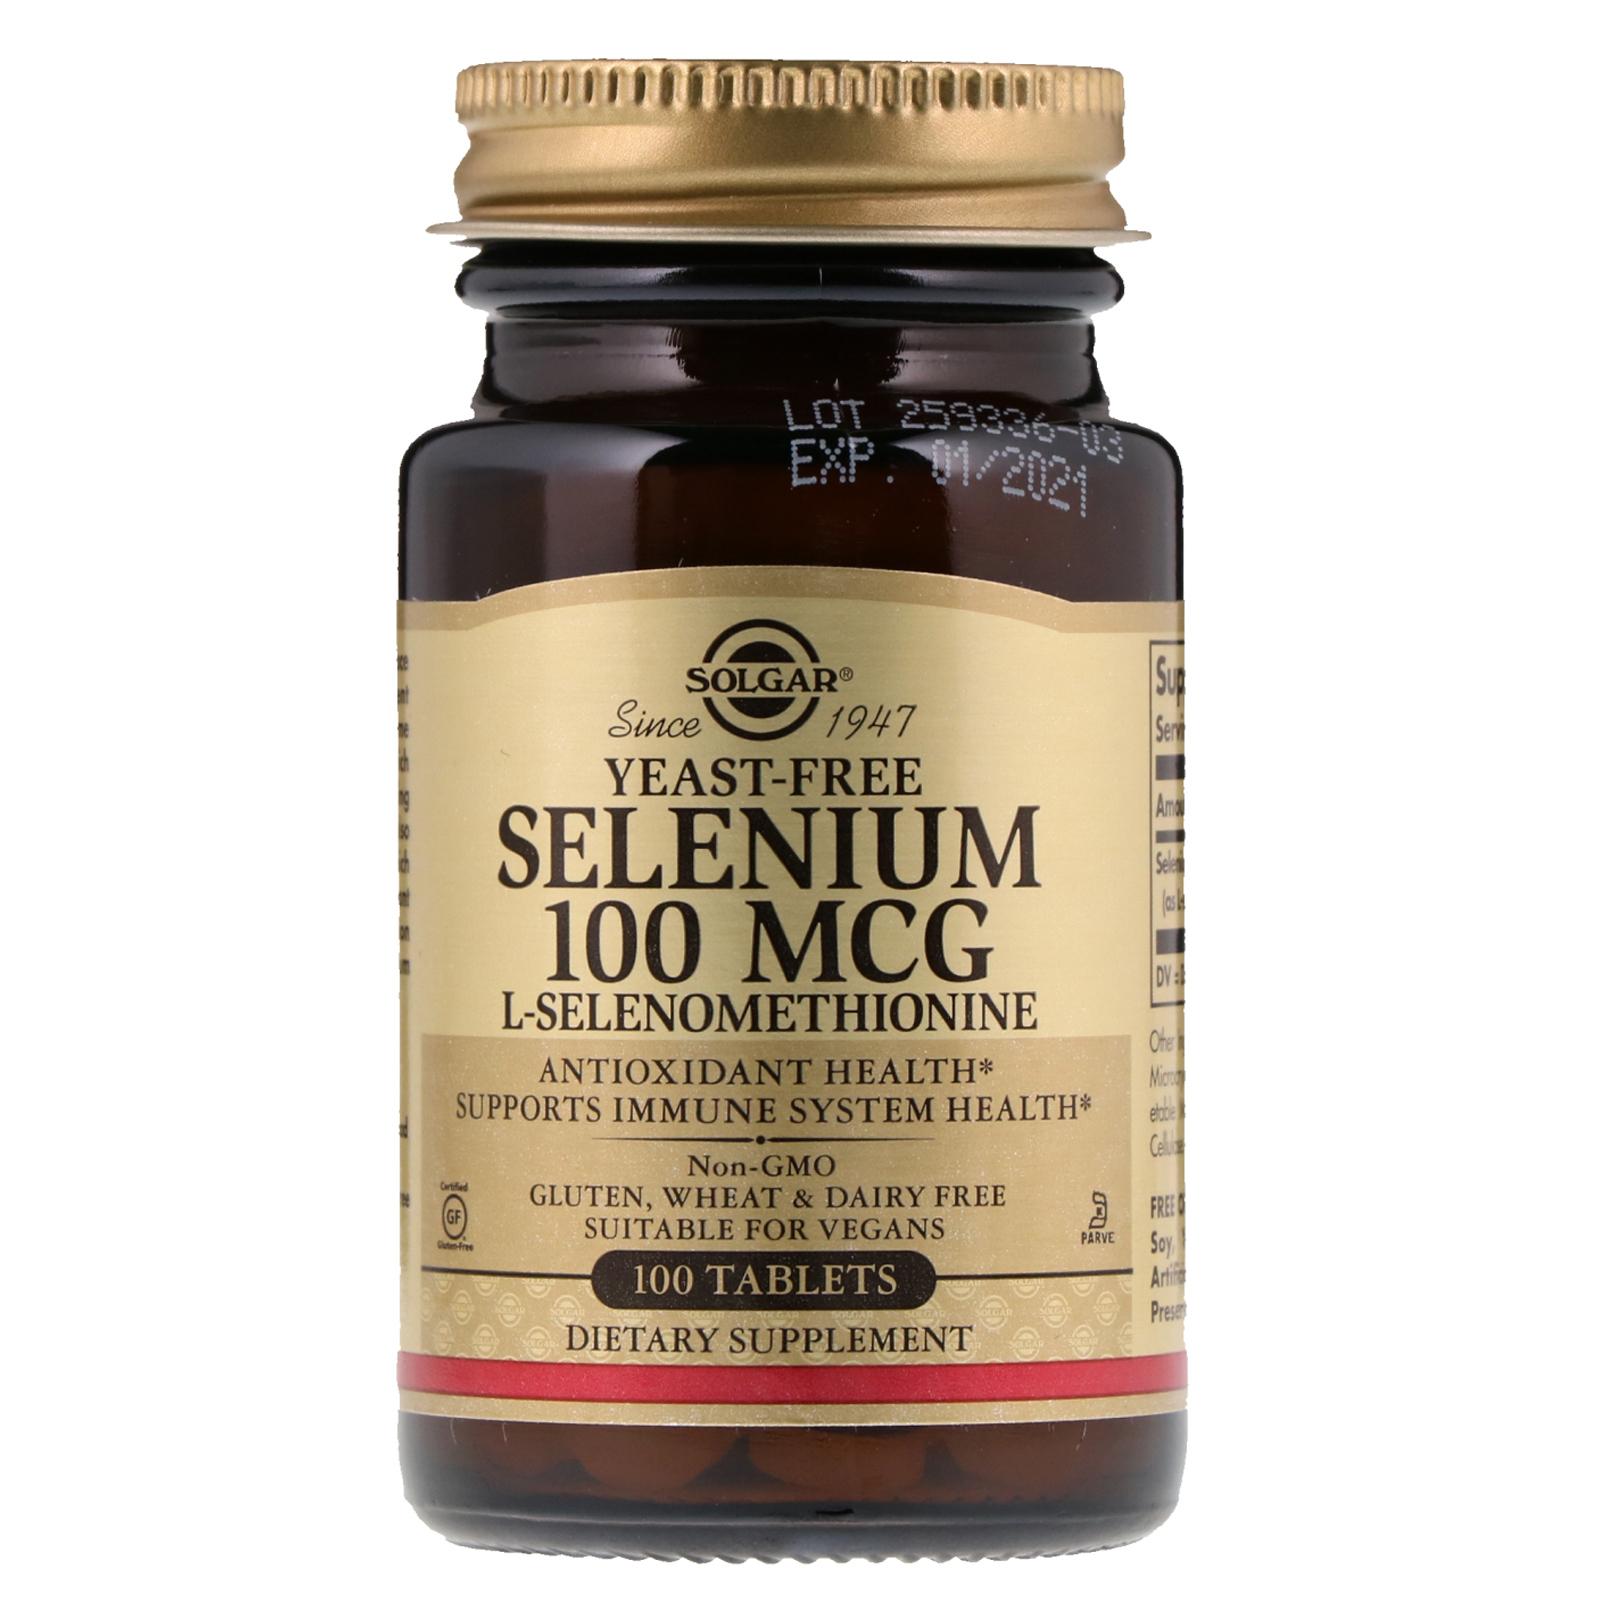 إنتاج قضية لوح فوائد حبوب السيلينيوم للرجال Comertinsaat Com